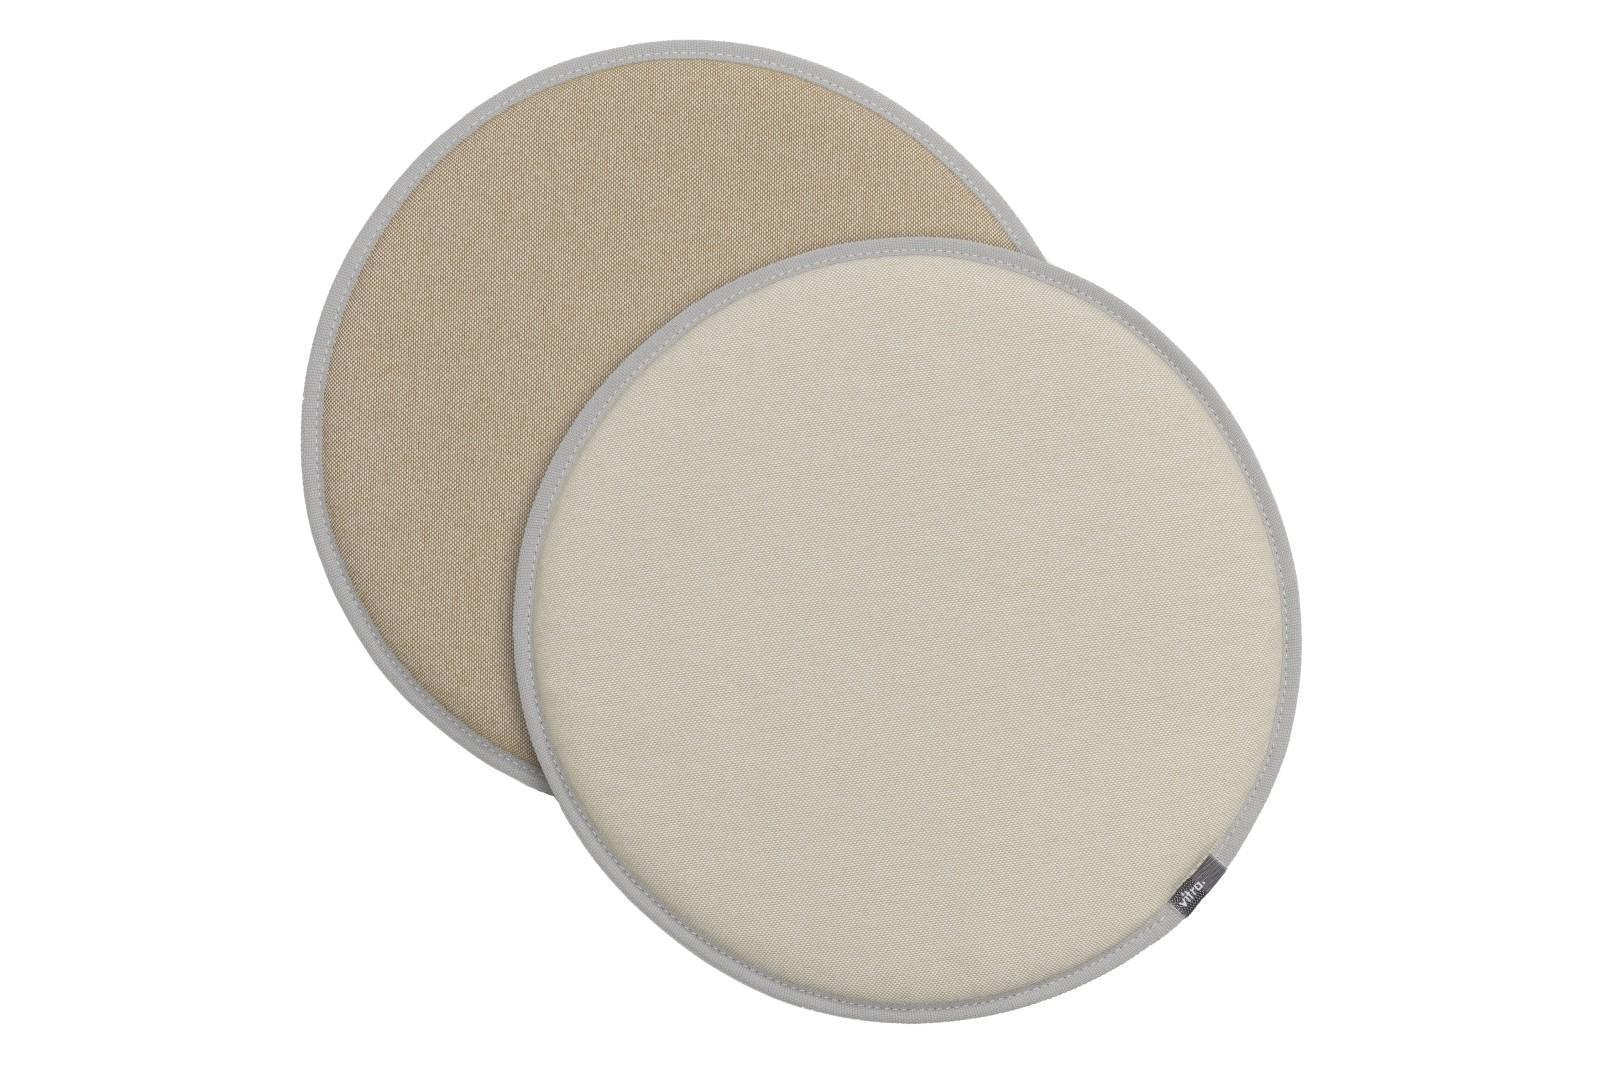 Seat Dots parchment/cream white - tobacco/cream white